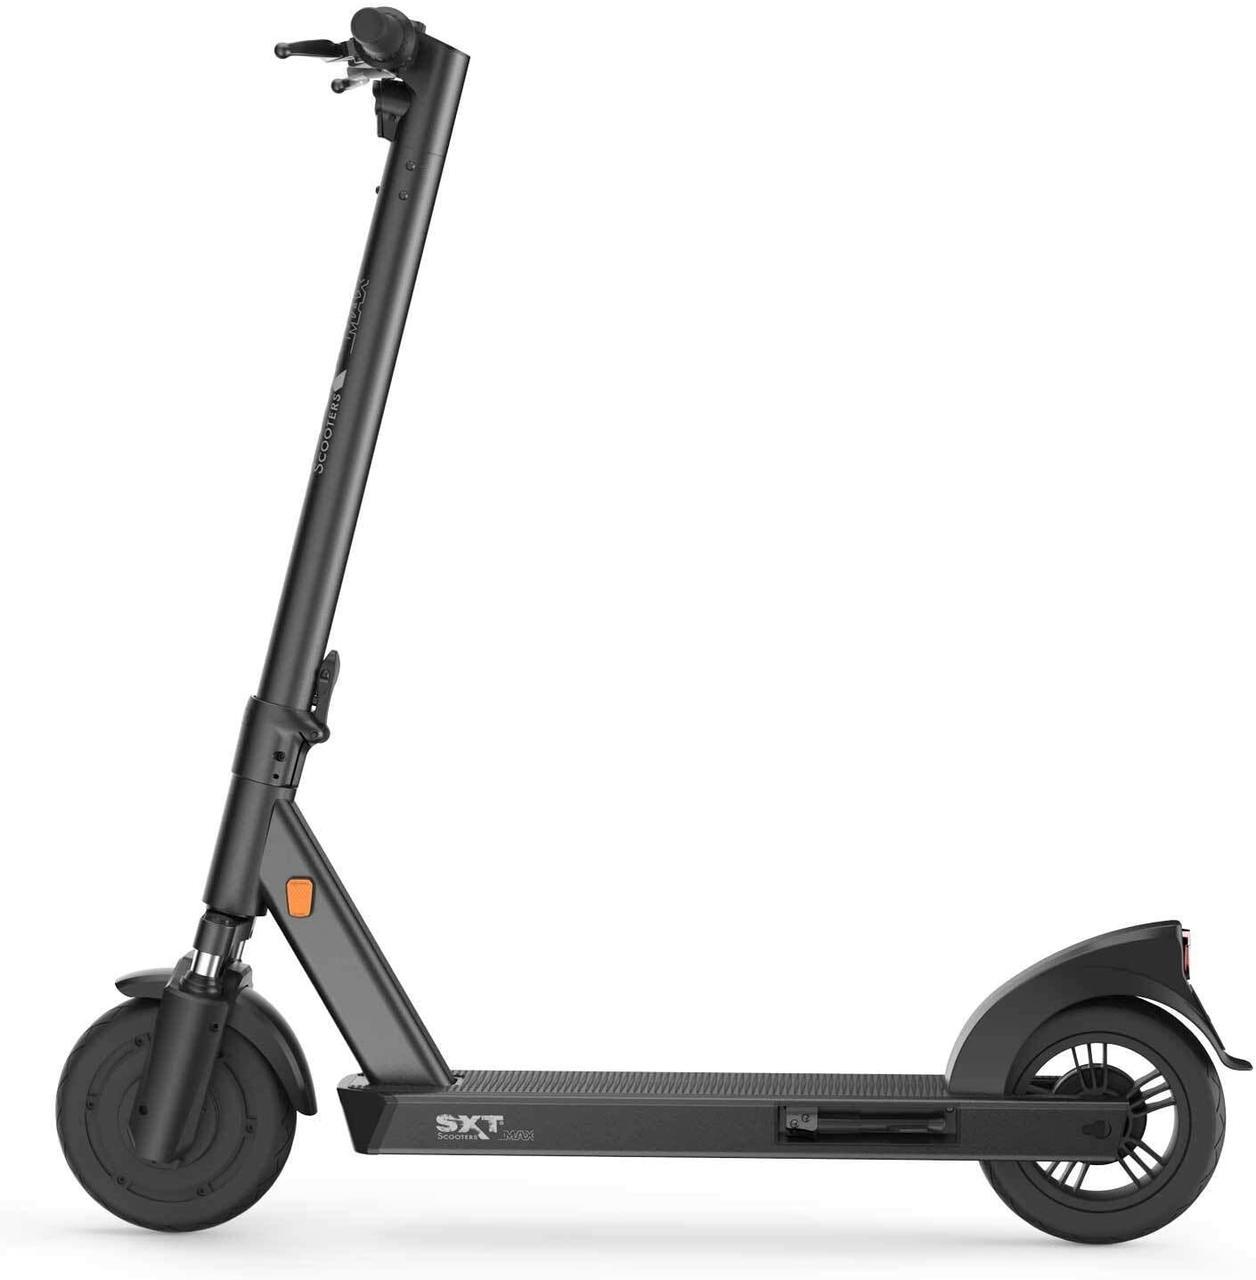 Электросамокат SXT MAX ESC200D-B2C СТОК из Германии